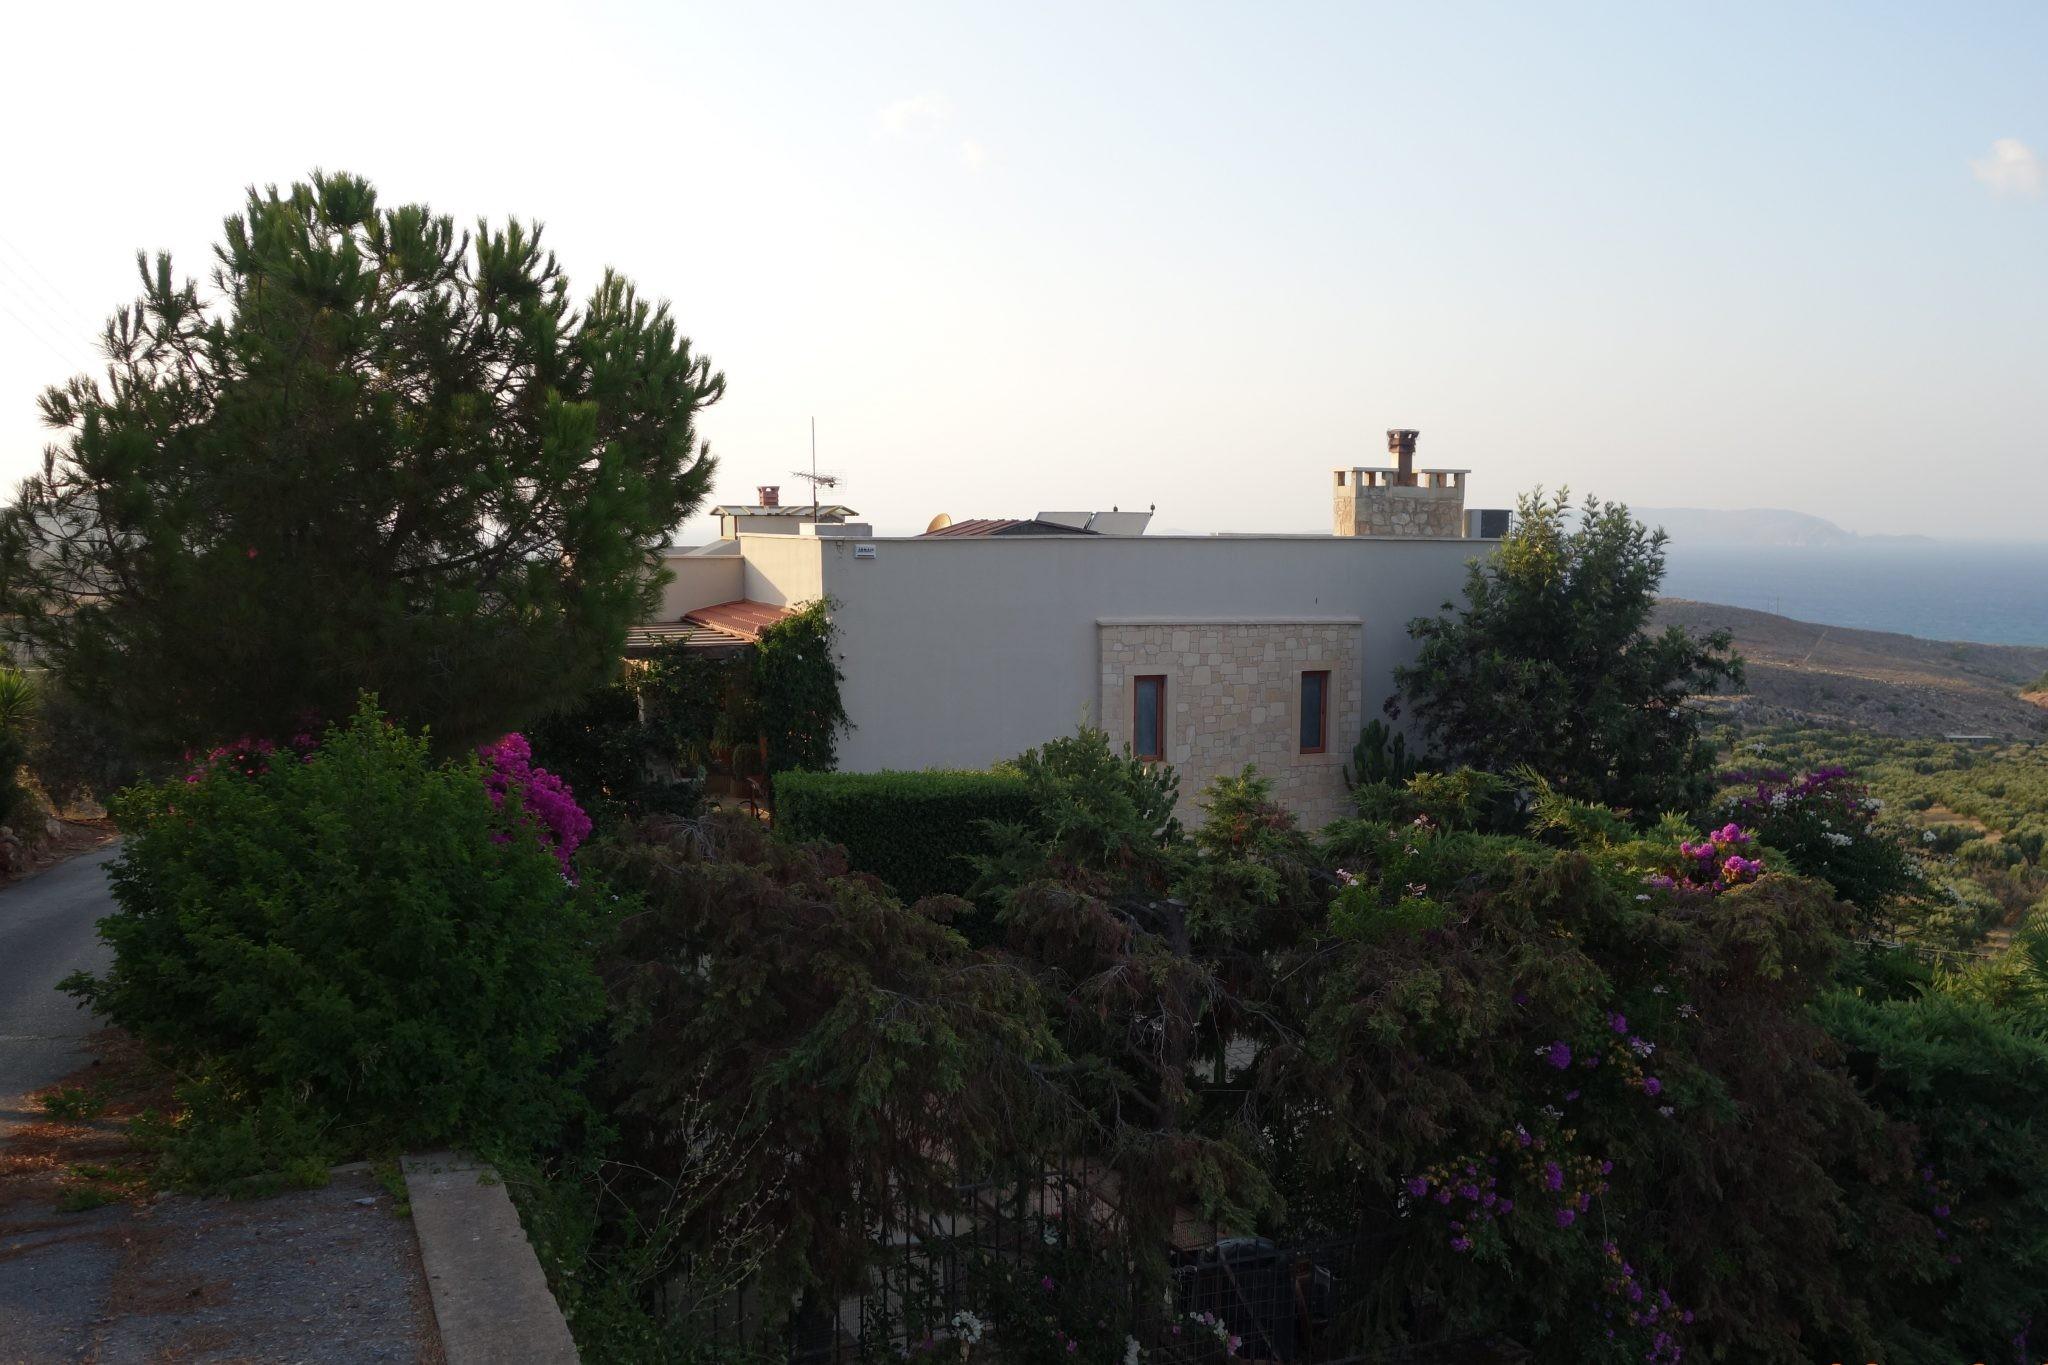 Casa, Heraklion - Ref GR-4176